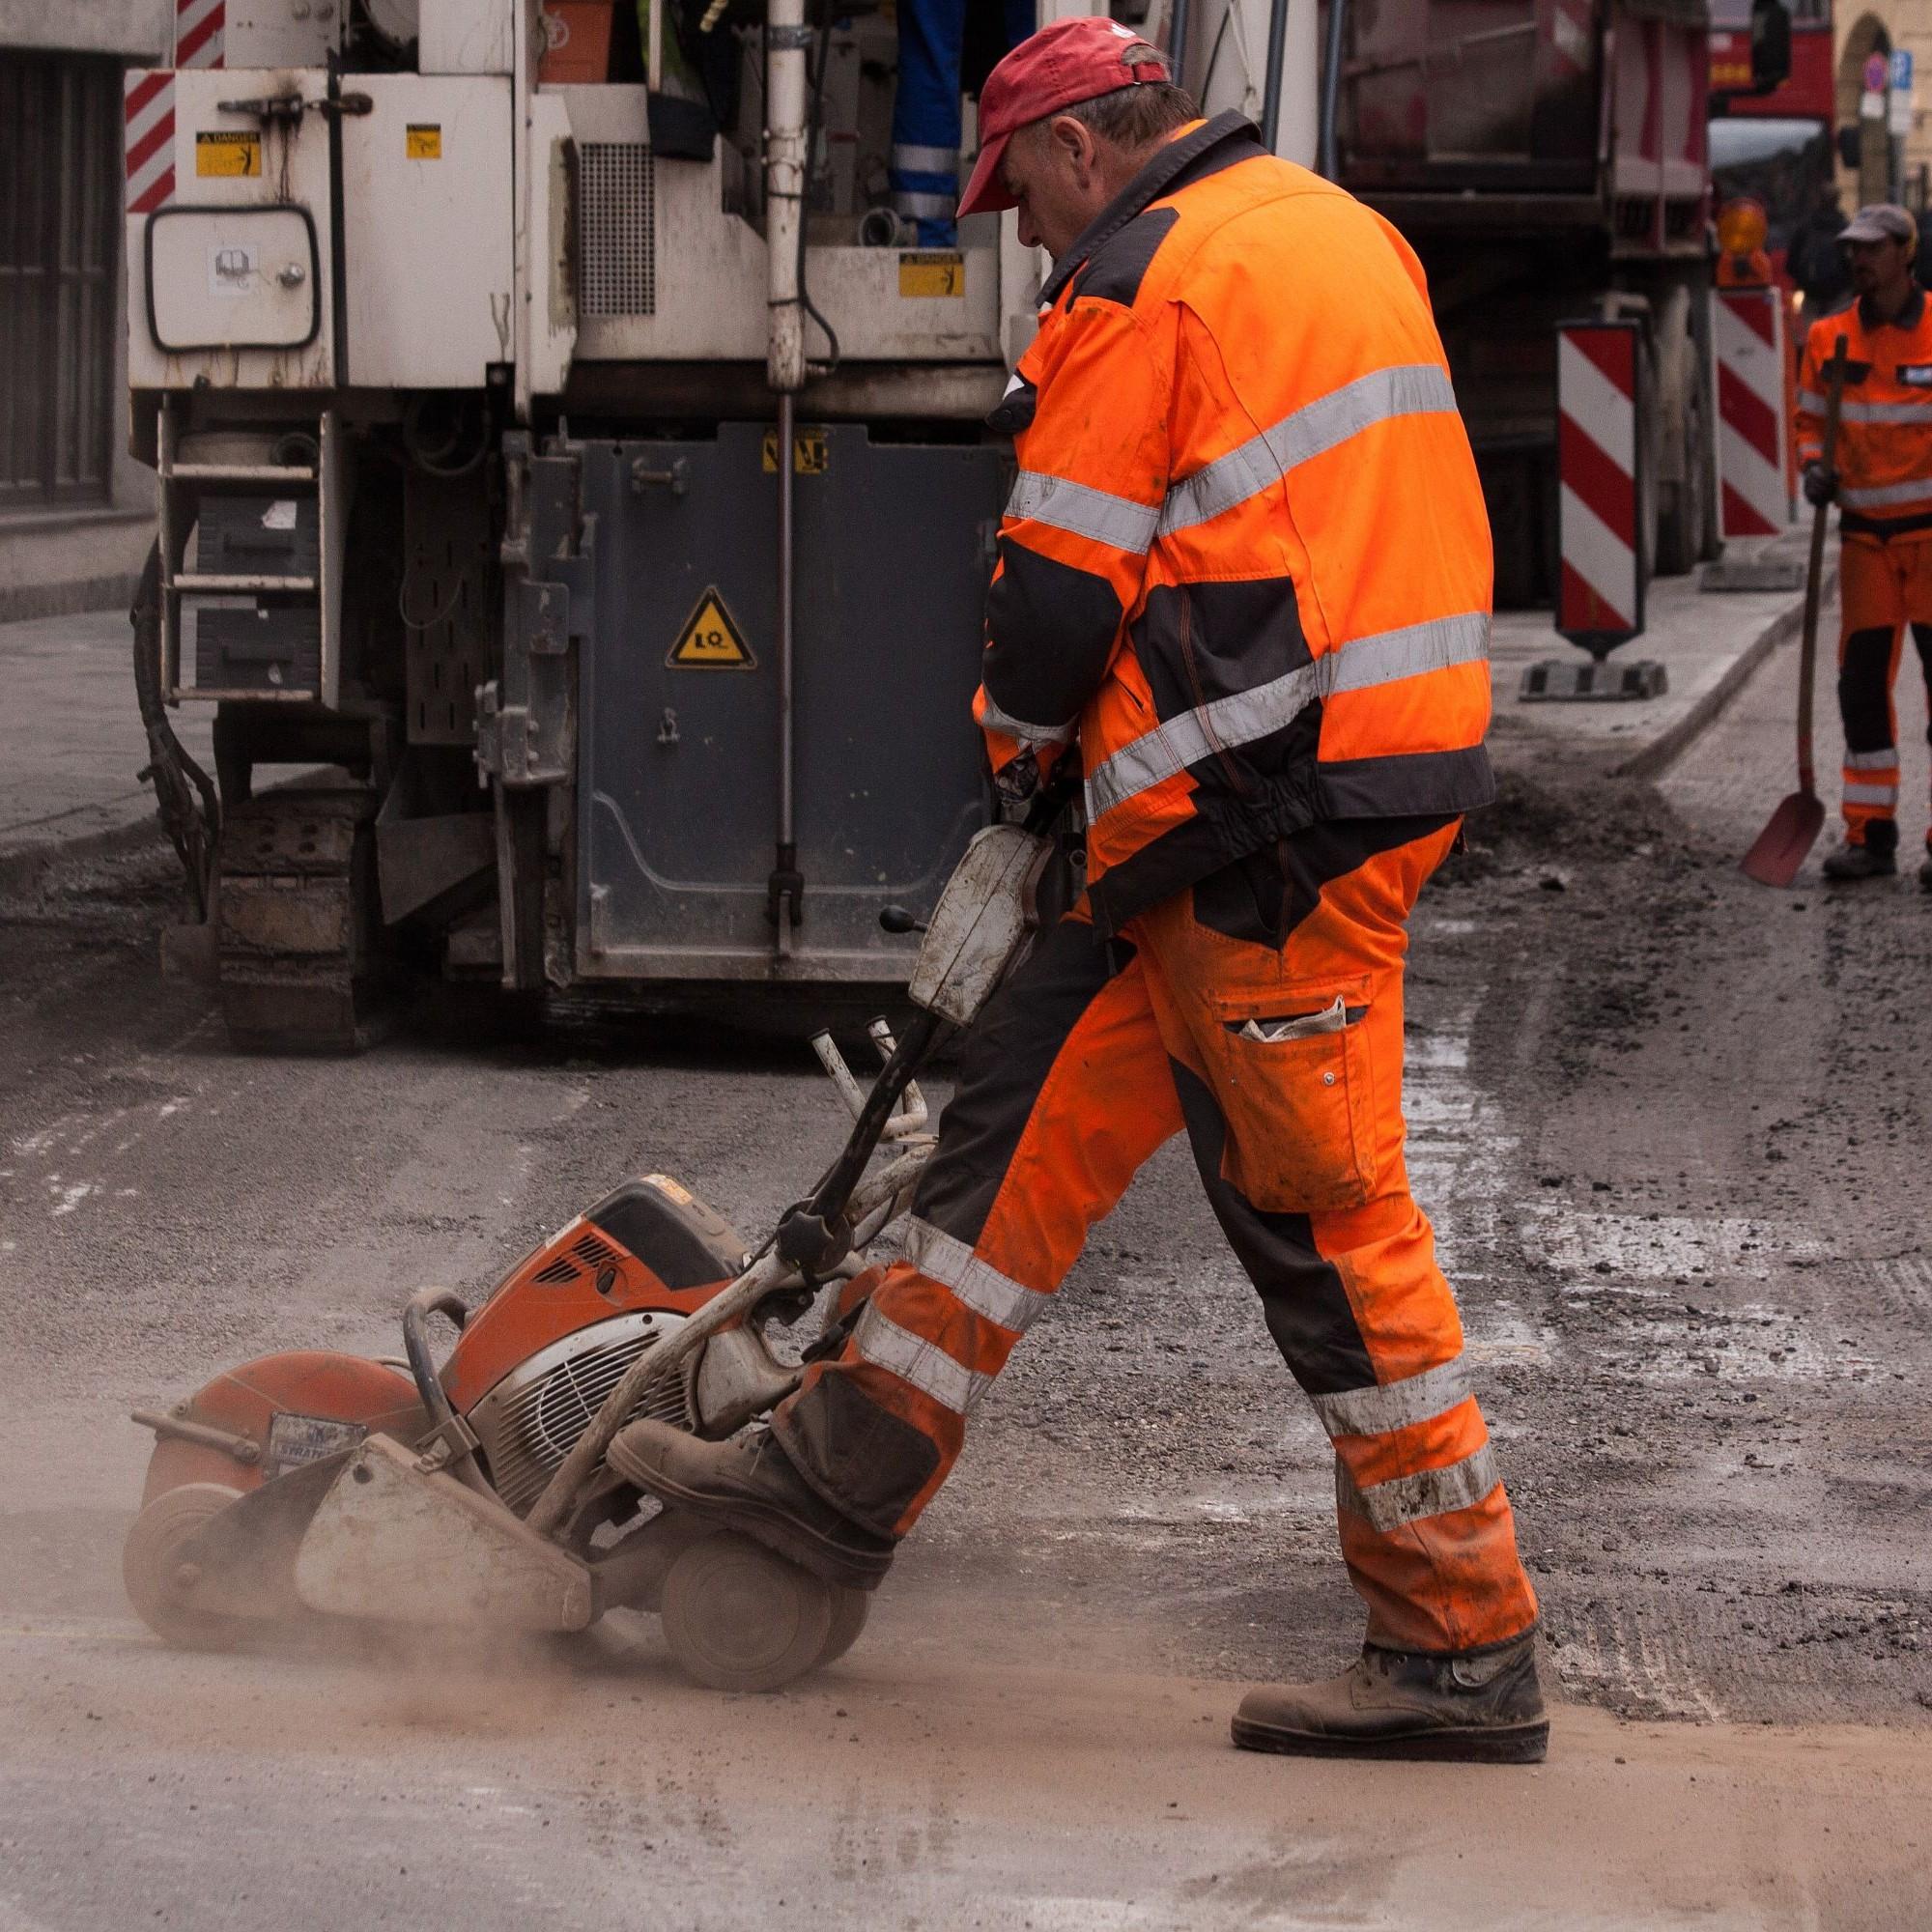 Strassenbau, Arbeiter mit Maschine